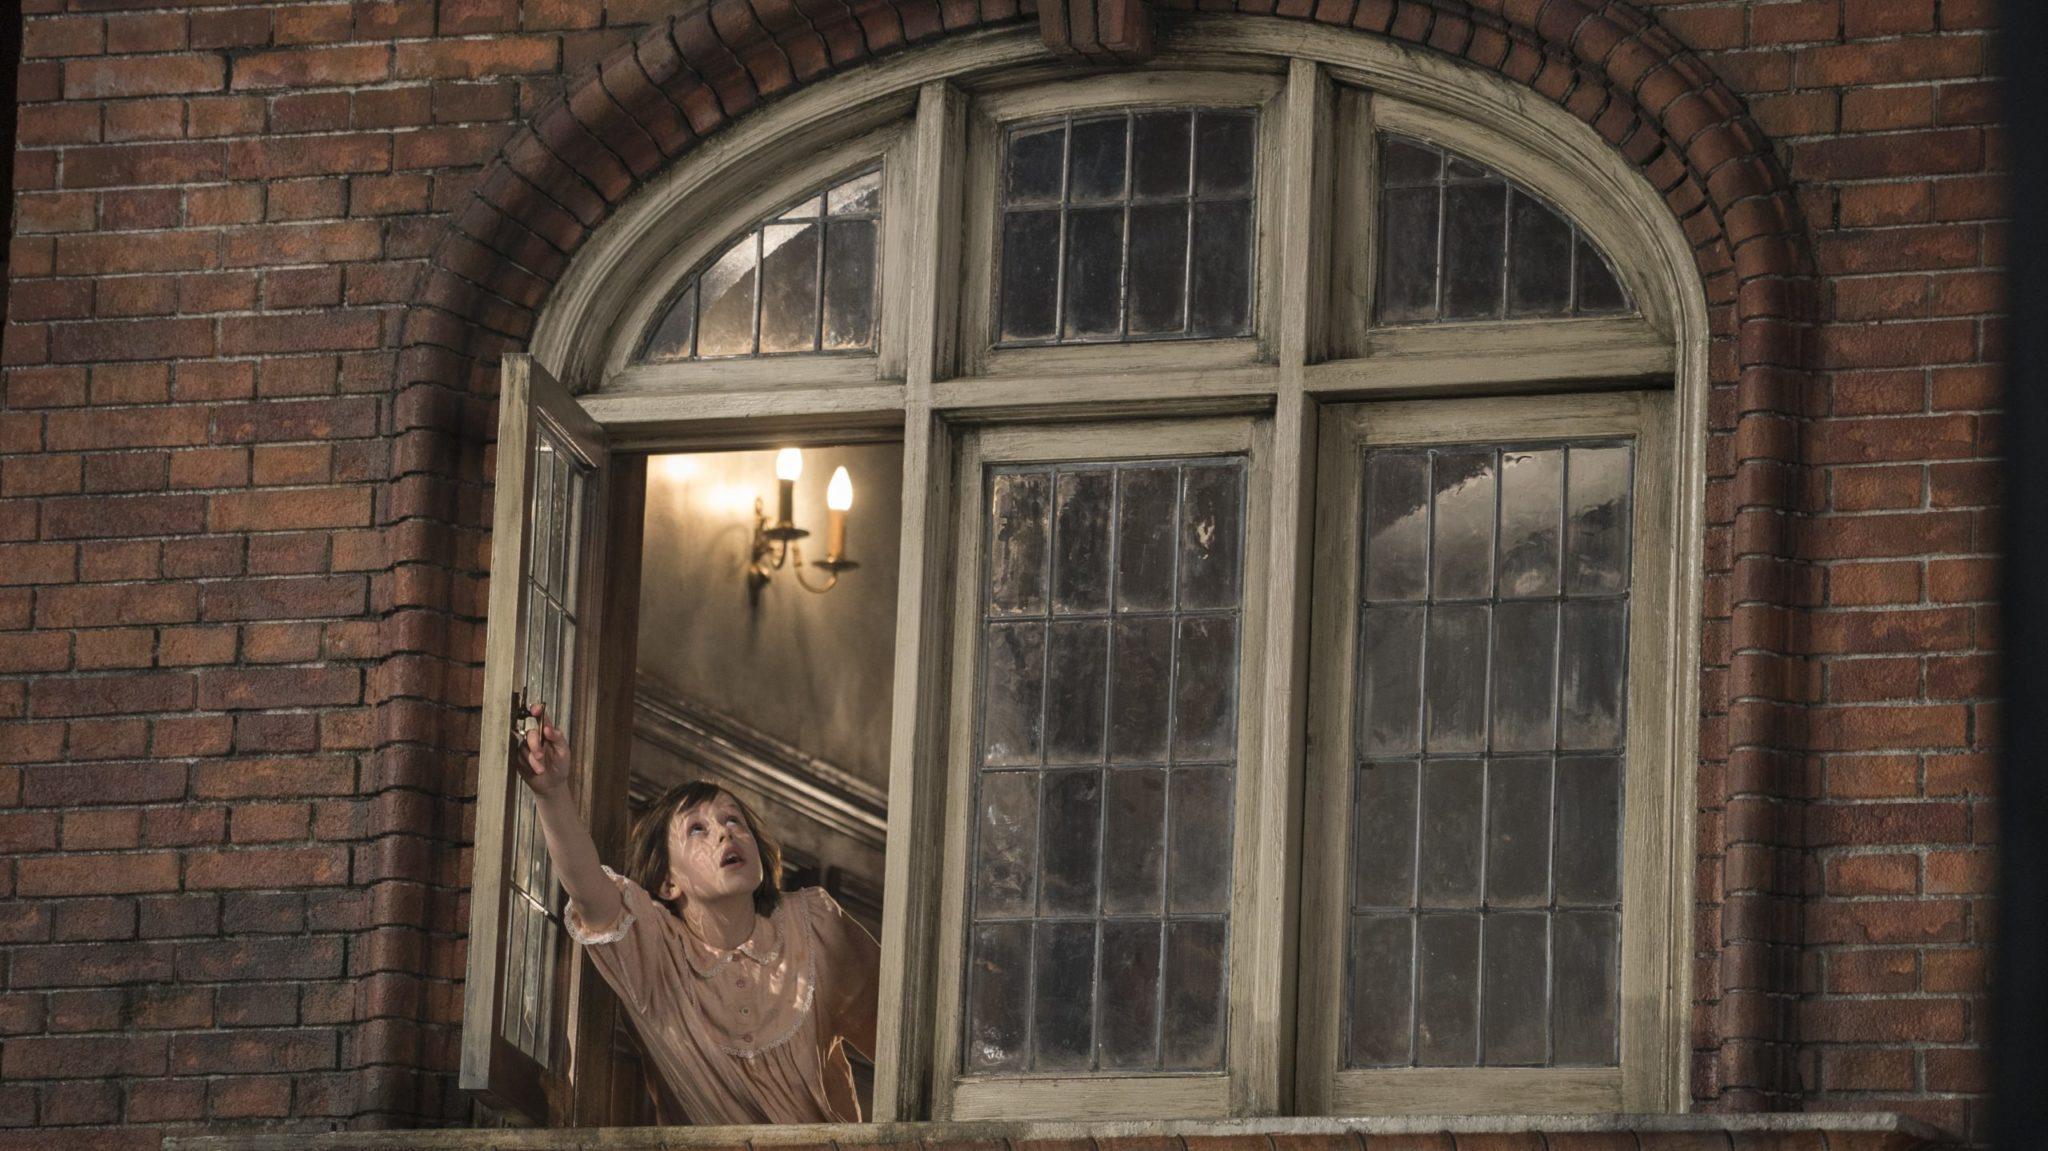 La nueva cinta del director Steven Spielberg, EL buen amigo gigante, es la adaptación de una añorada obra de Roald Dahl, nos cuenta la emocionante historia de una jovencita londinense (Ruby Barnhill) y un misterioso gigante (Mark Rylance) que le presenta las maravilla y peligros del país de los gigantes